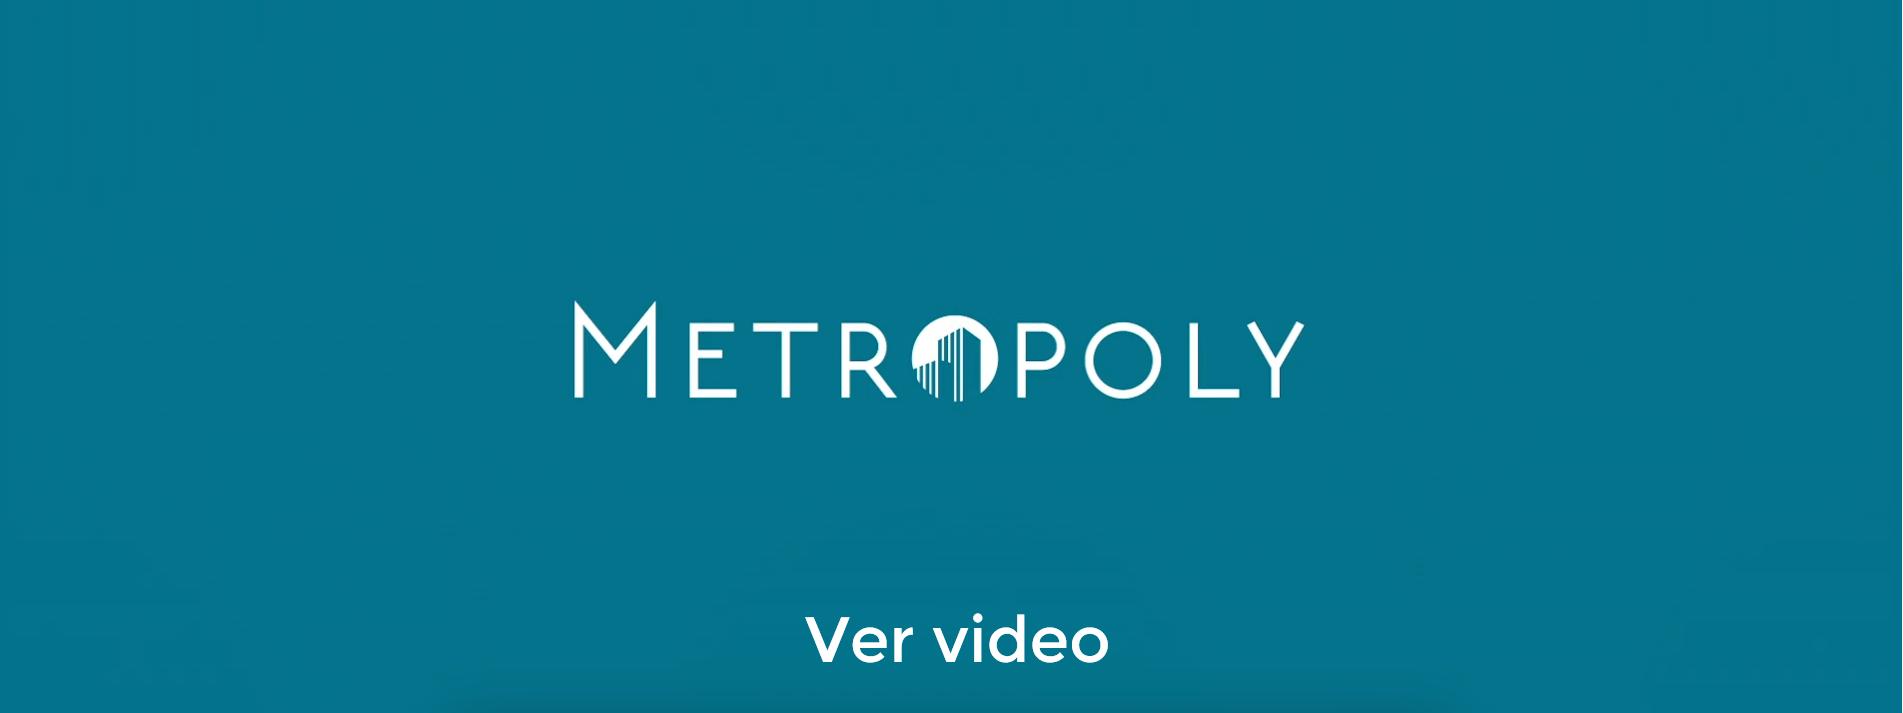 Que es Metropoly